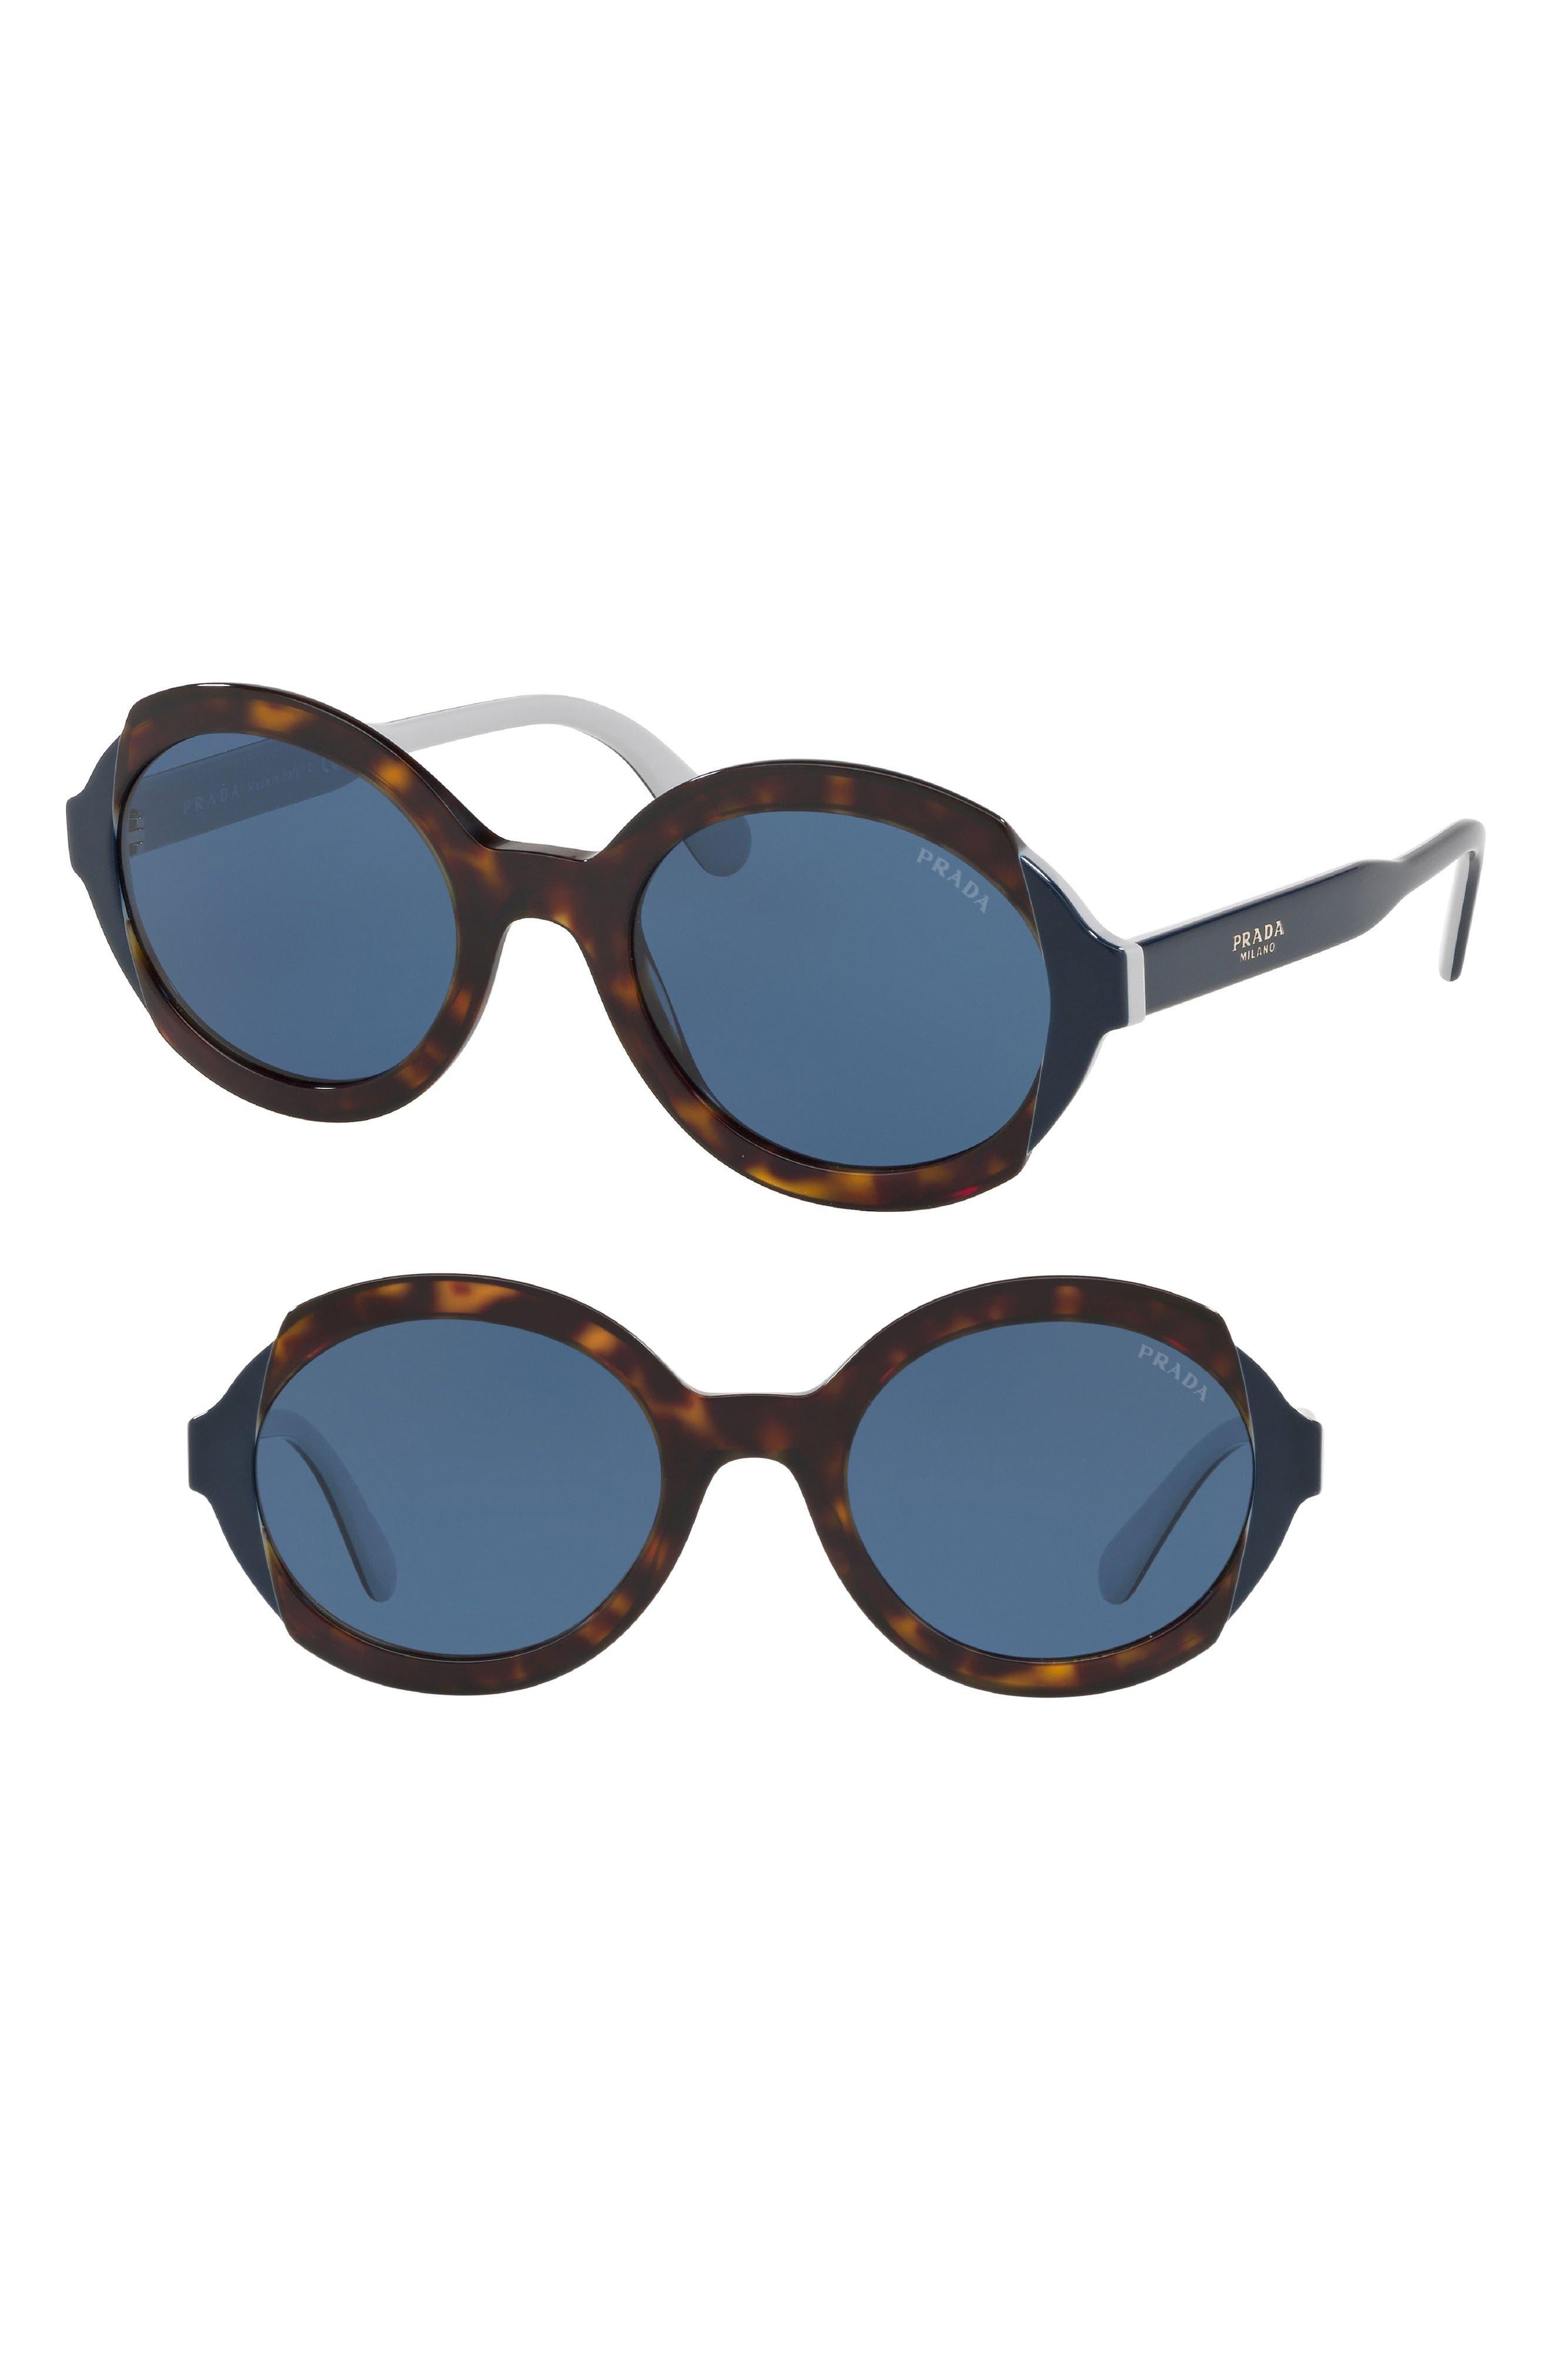 Etiquette 53mm Oval Sunglasses,                             Main thumbnail 1, color,                             HAVANA SOLID